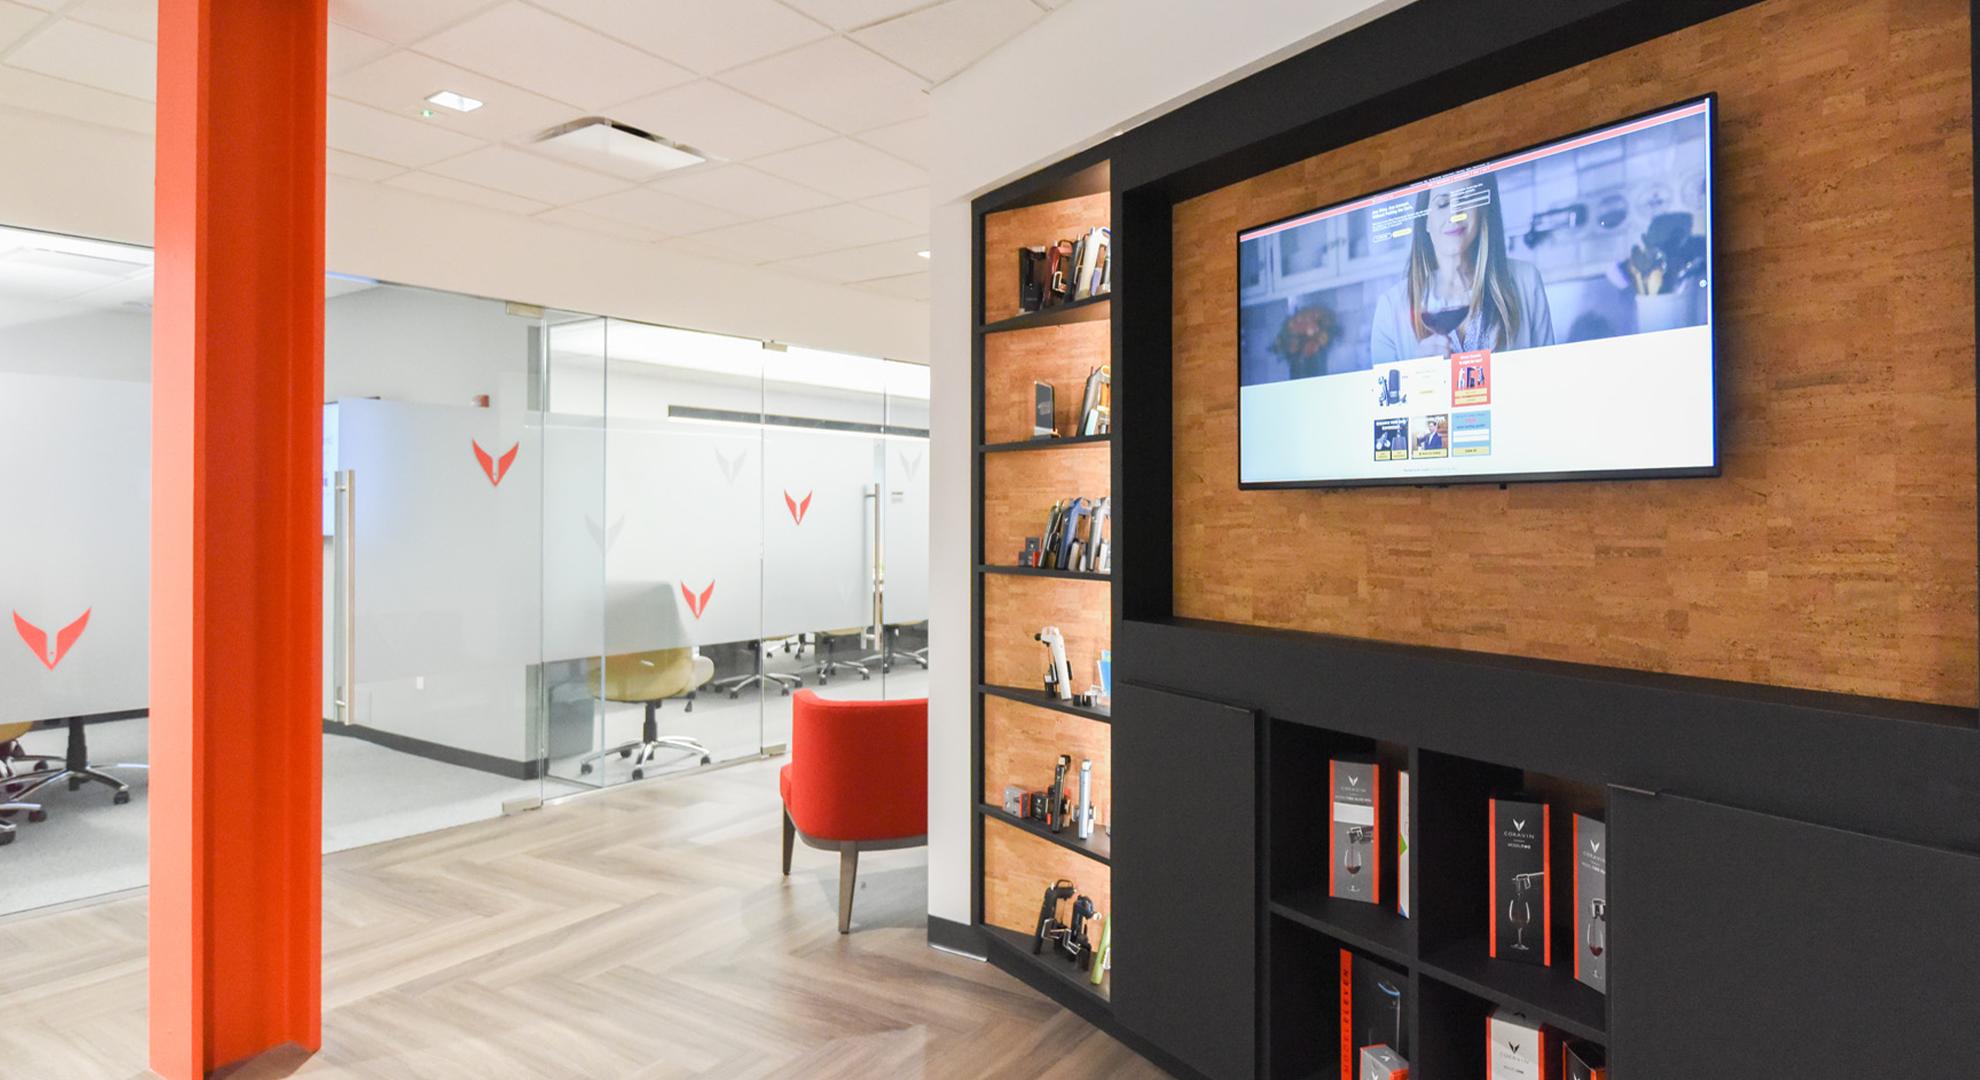 Ingresso di ufficio con sala riunioni, esposizione di premi e TV presso la sede Coravin.